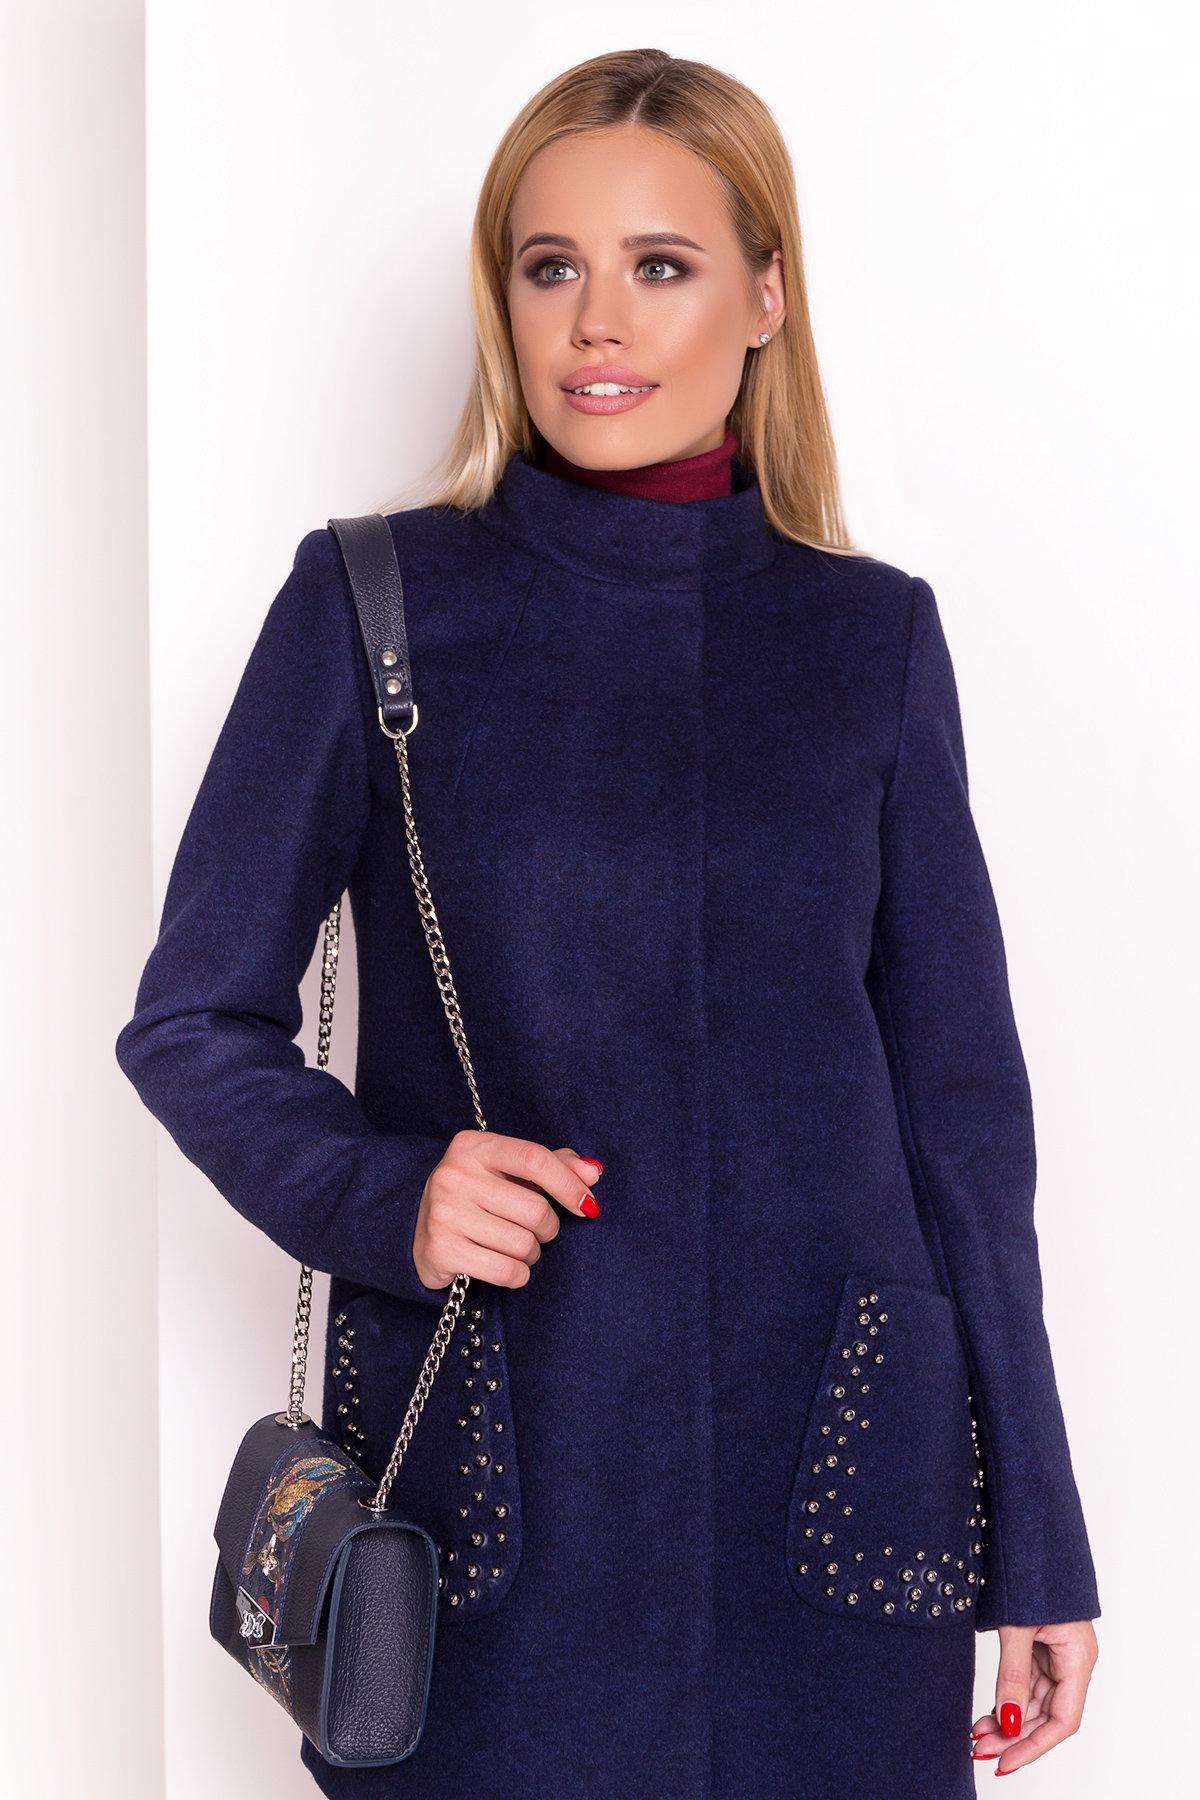 Пальто Даймон 5377 АРТ. 36745 Цвет: Темно-синий 17 - фото 3, интернет магазин tm-modus.ru